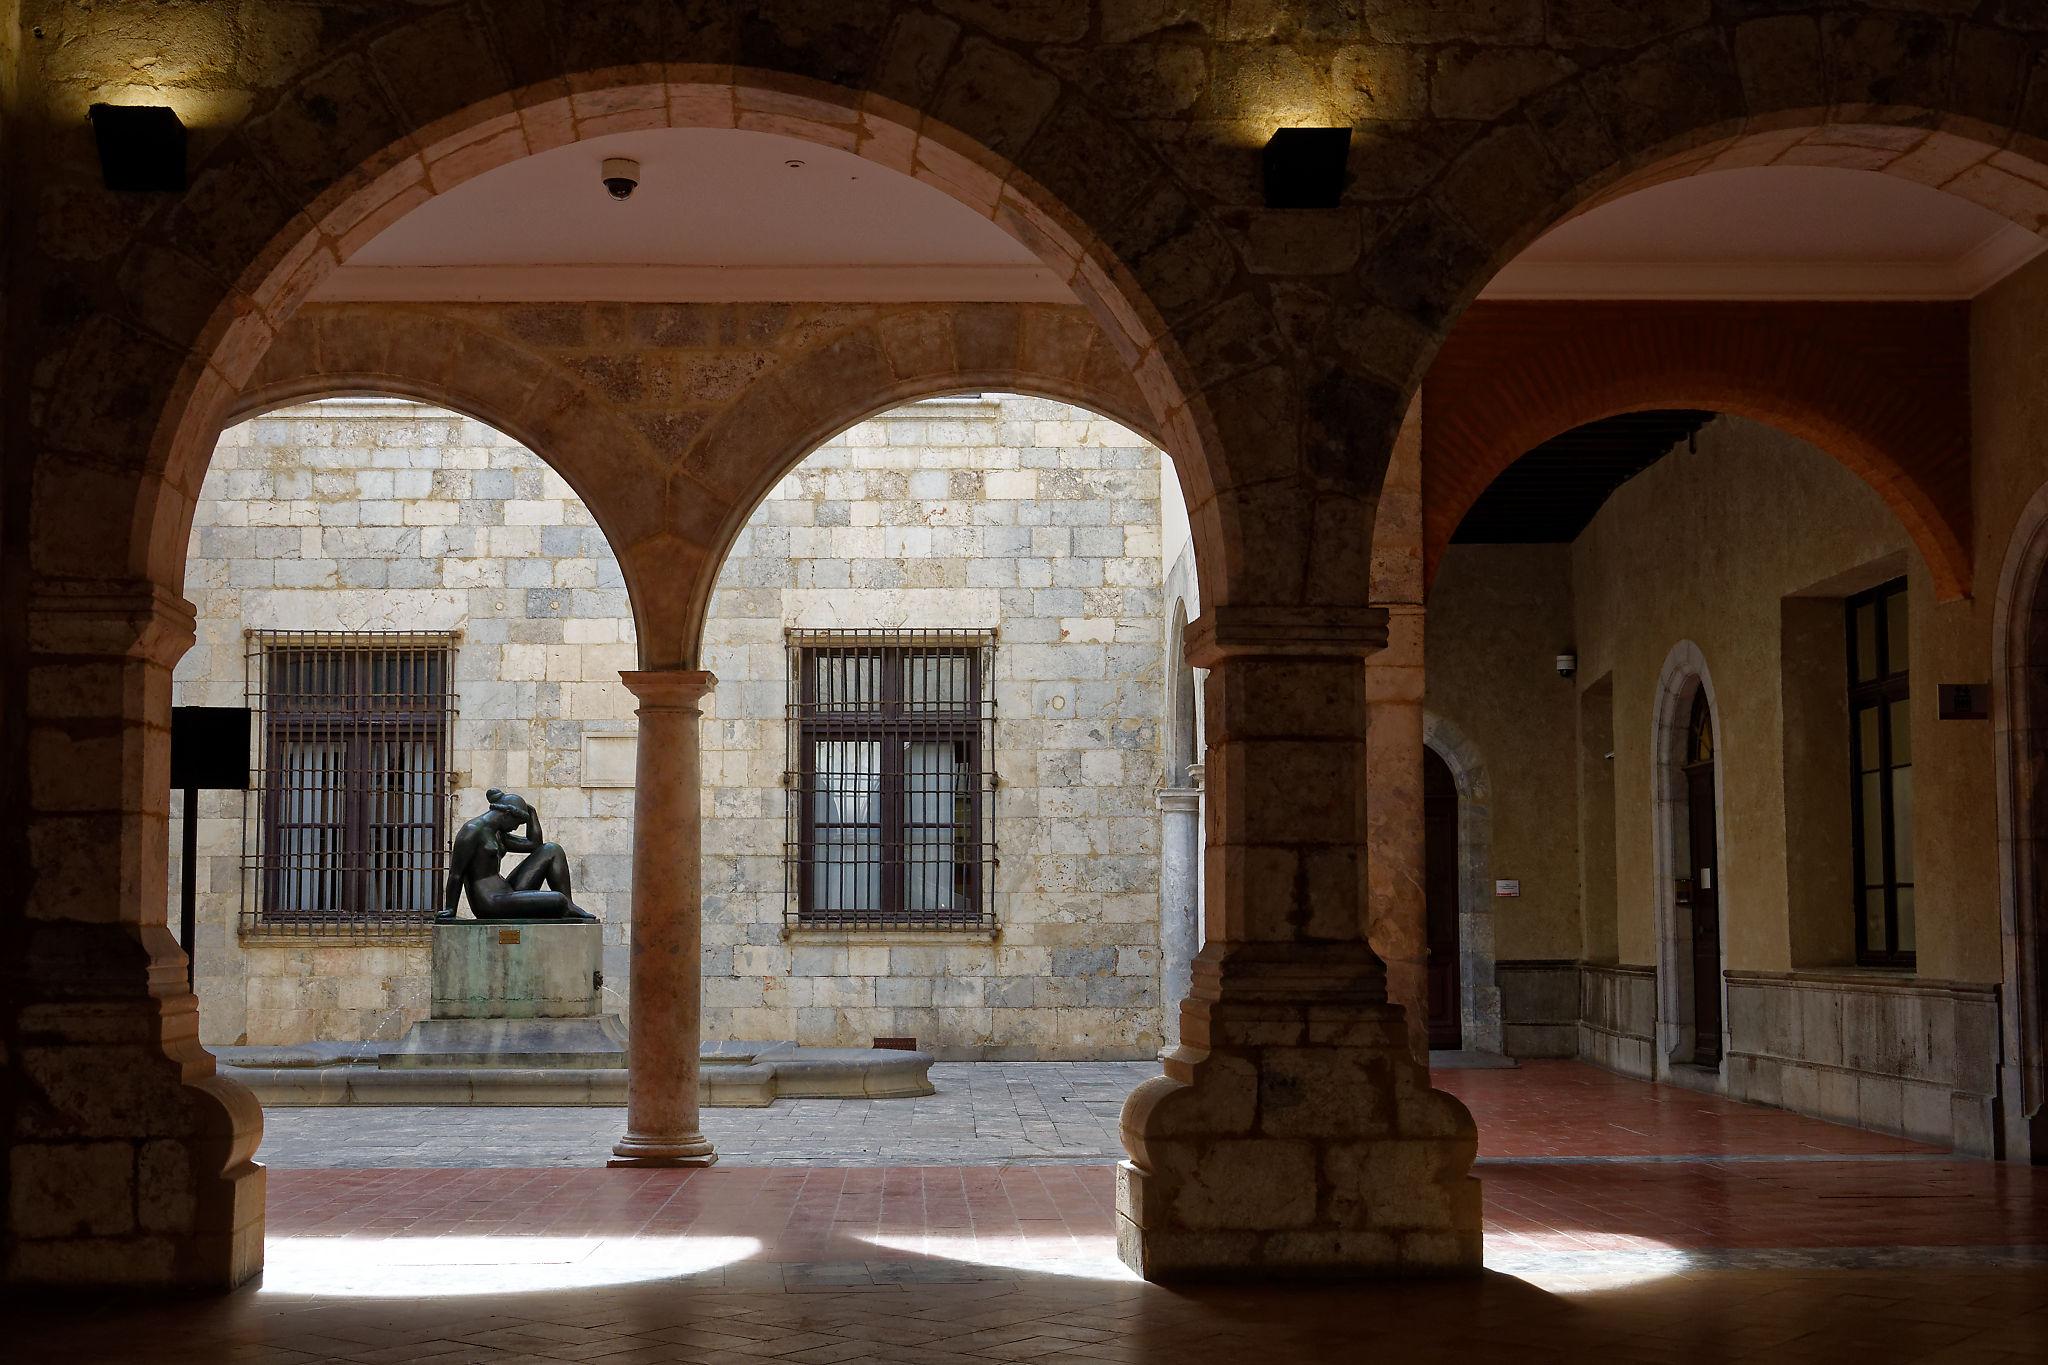 Le patio de l'Hôtel de Ville de Perpignan avec une sculpture de Maillol